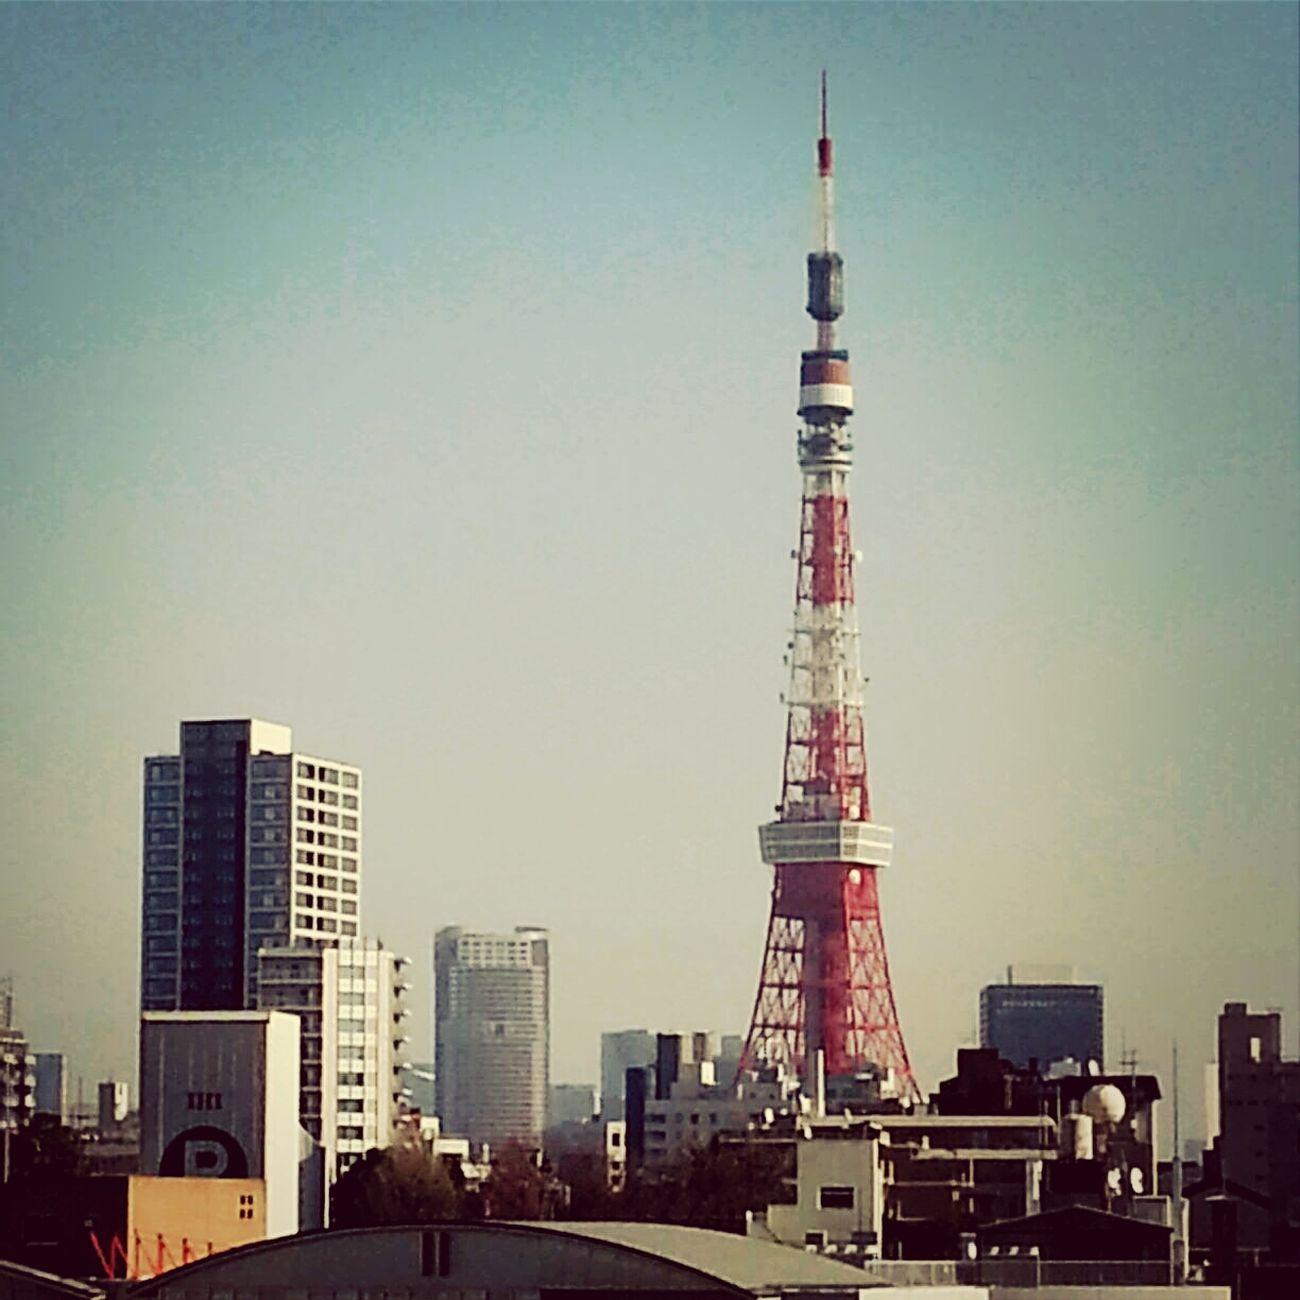 東京タワー 東京タワー 東京タワーと六本木の街 六本木ヒルズ